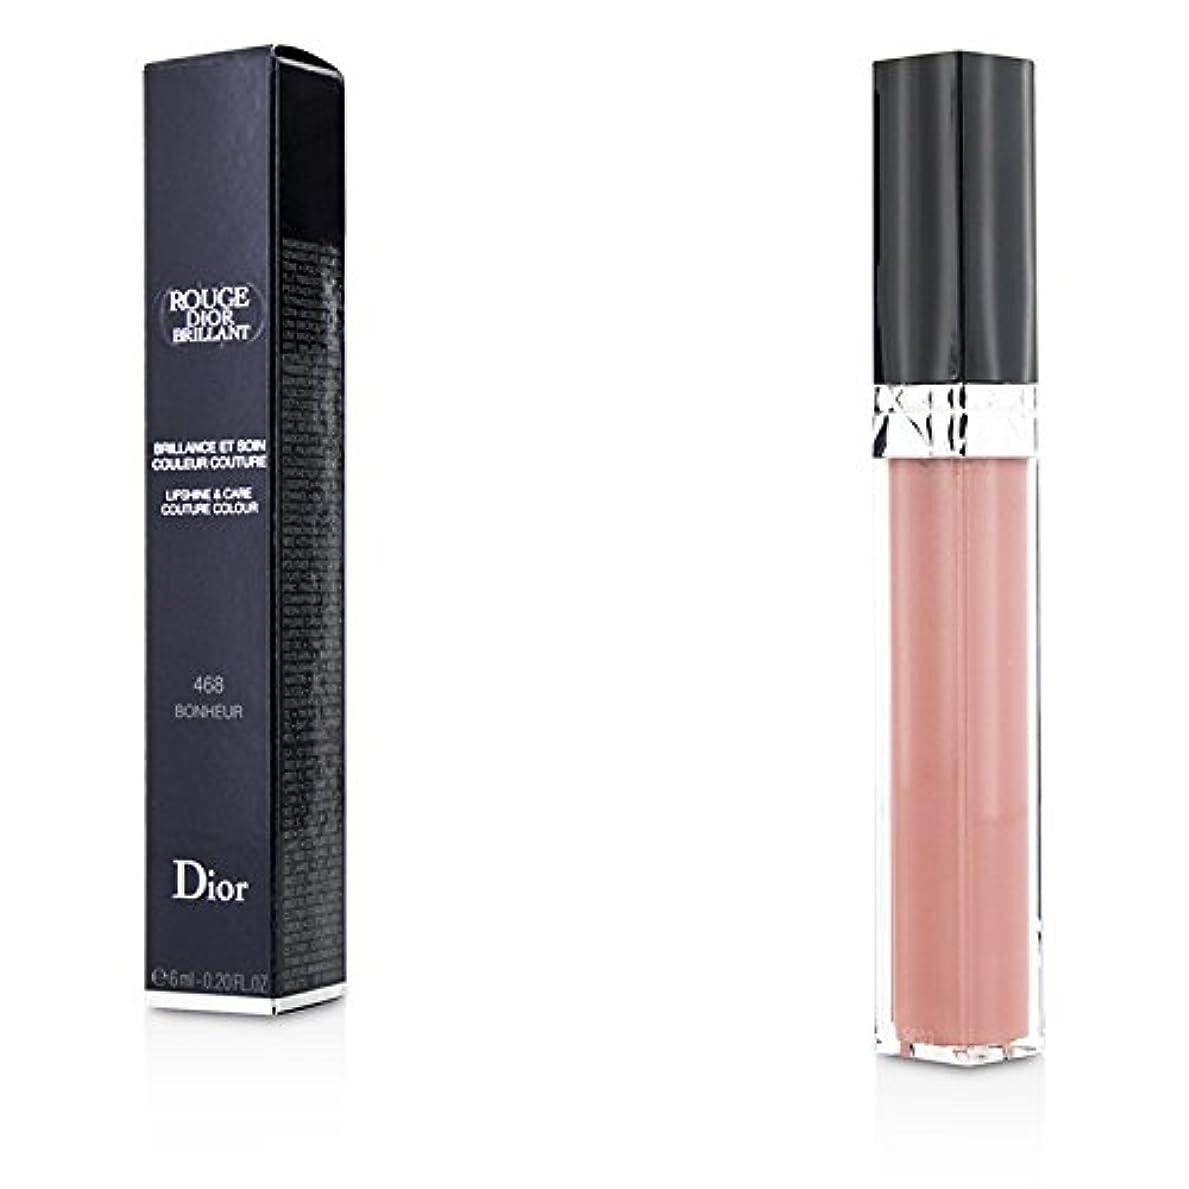 クラッシュ馬鹿チャーミングクリスチャンディオール Rouge Dior Brillant Lipgloss - # 468 Bonheur 6ml/0.2oz並行輸入品